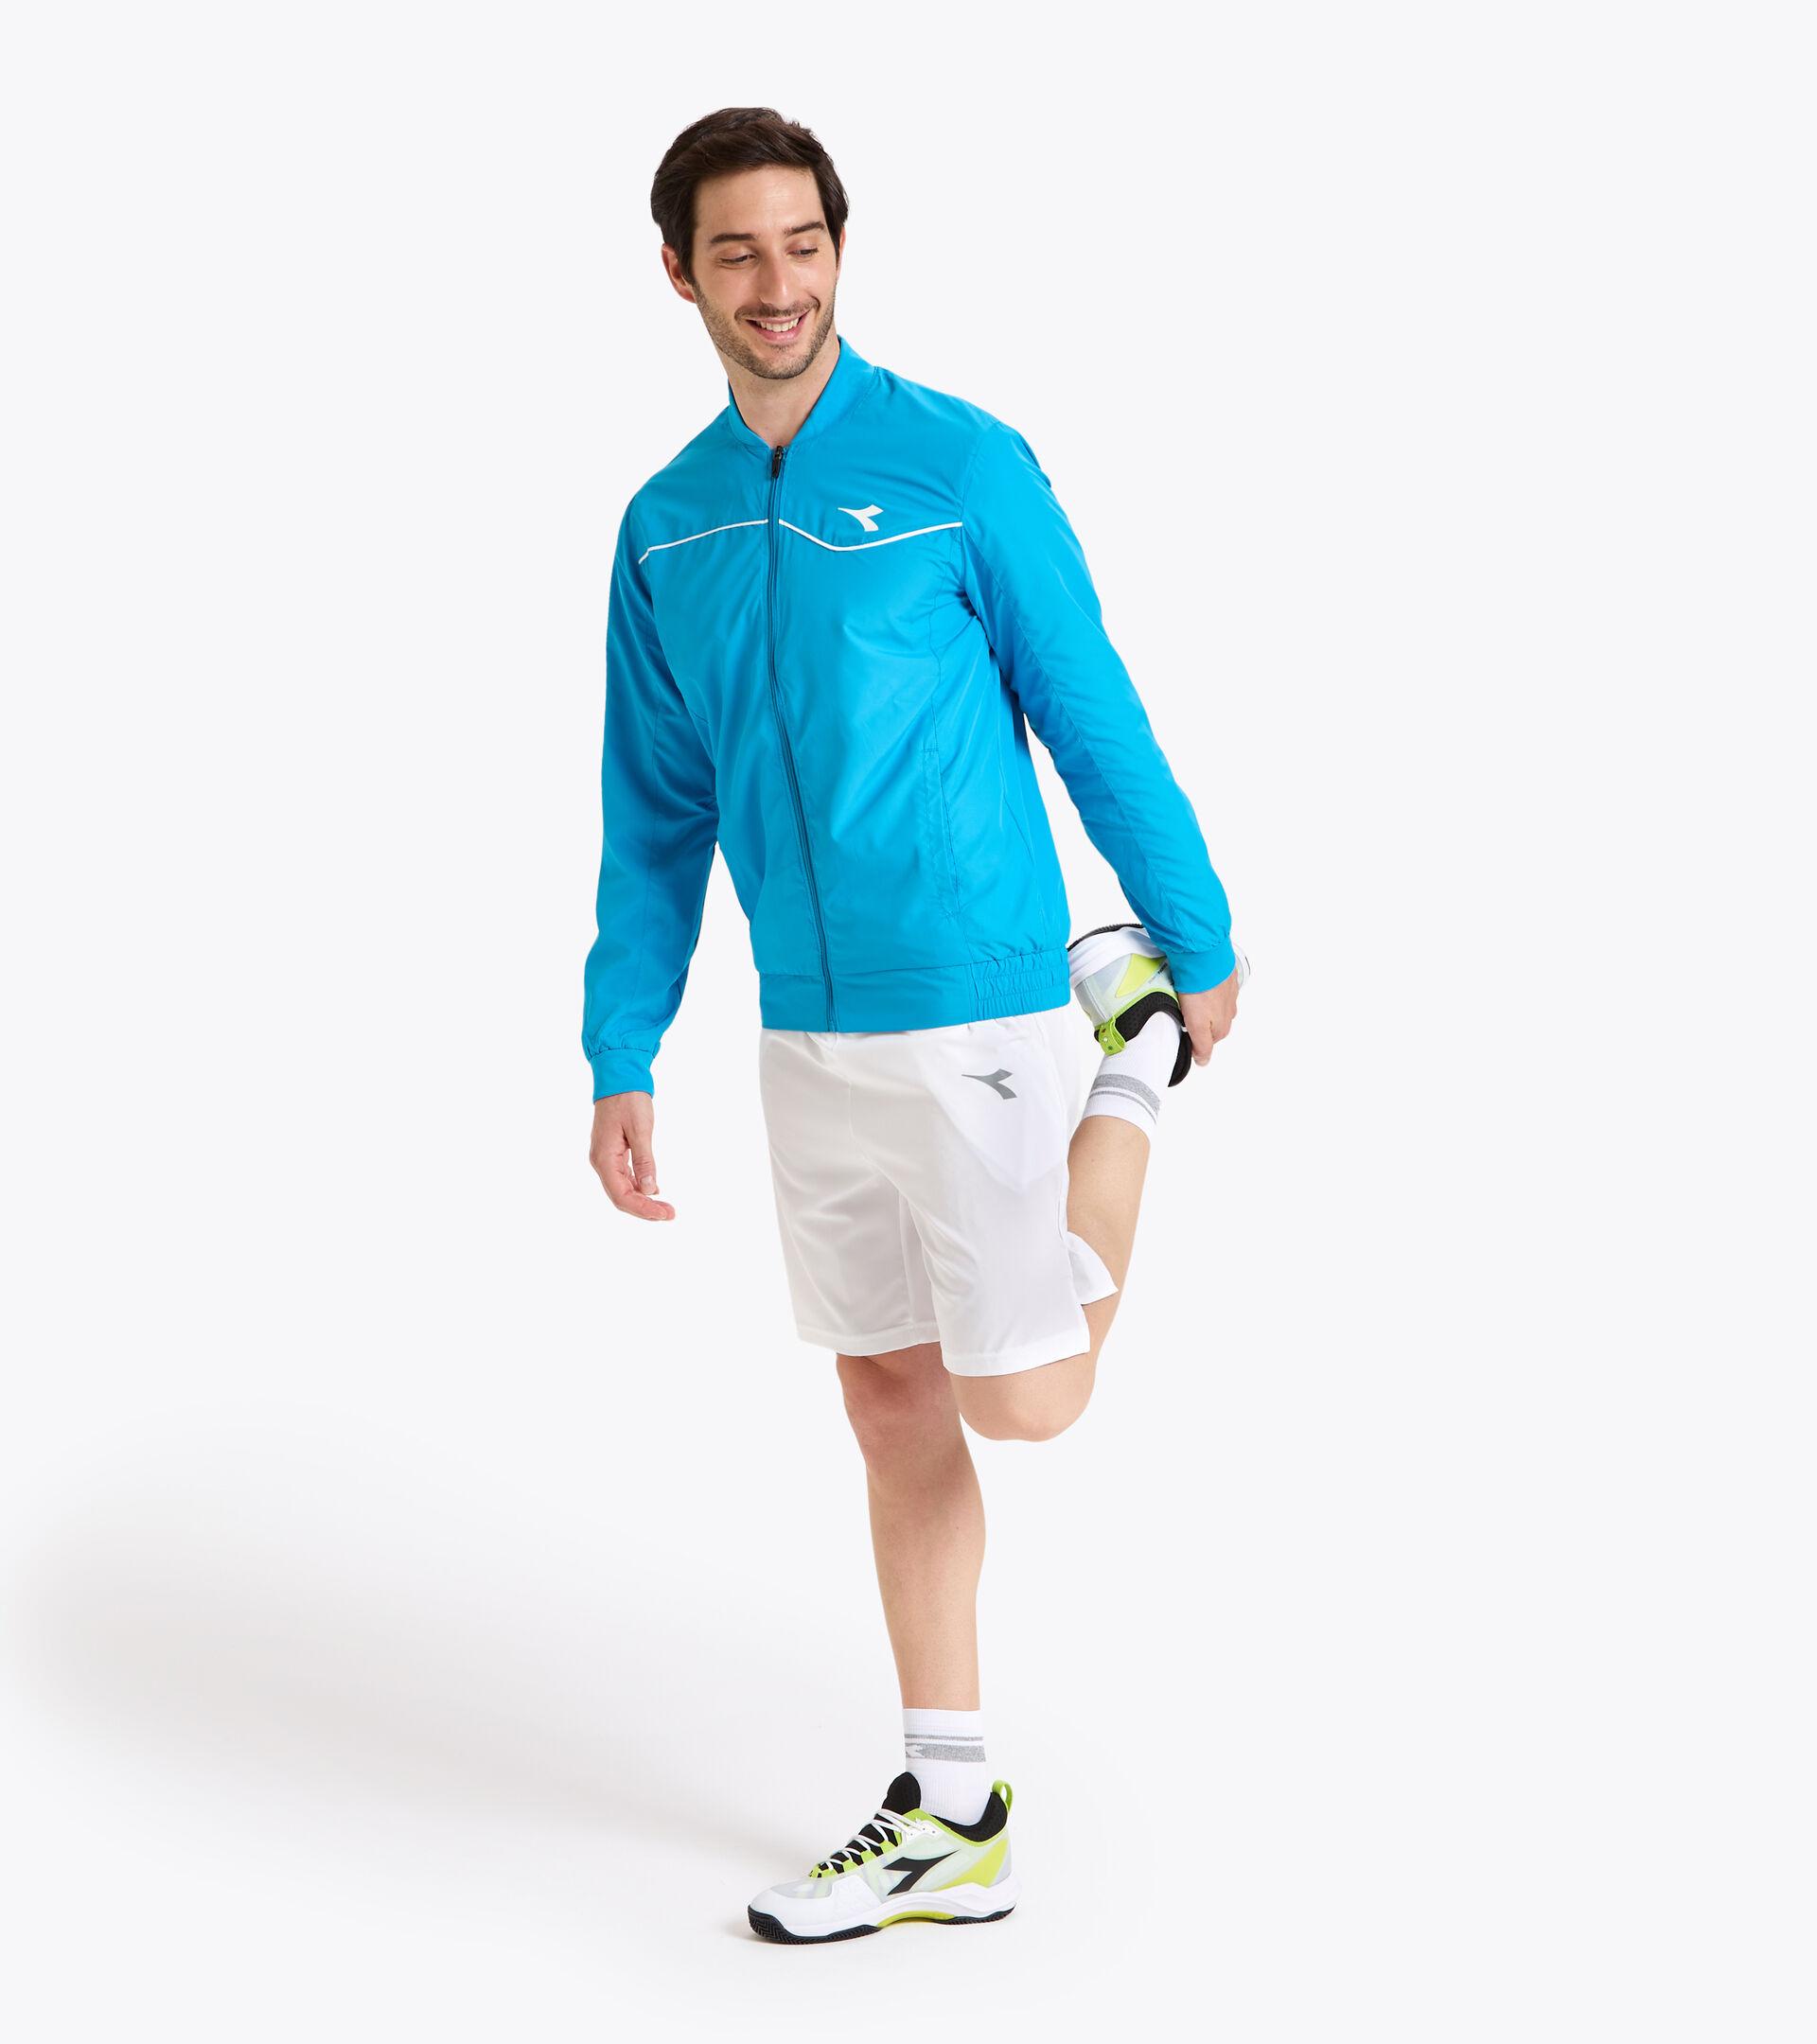 Chaqueta de tenis - Hombre JACKET COURT AZUL REAL FLUO - Diadora